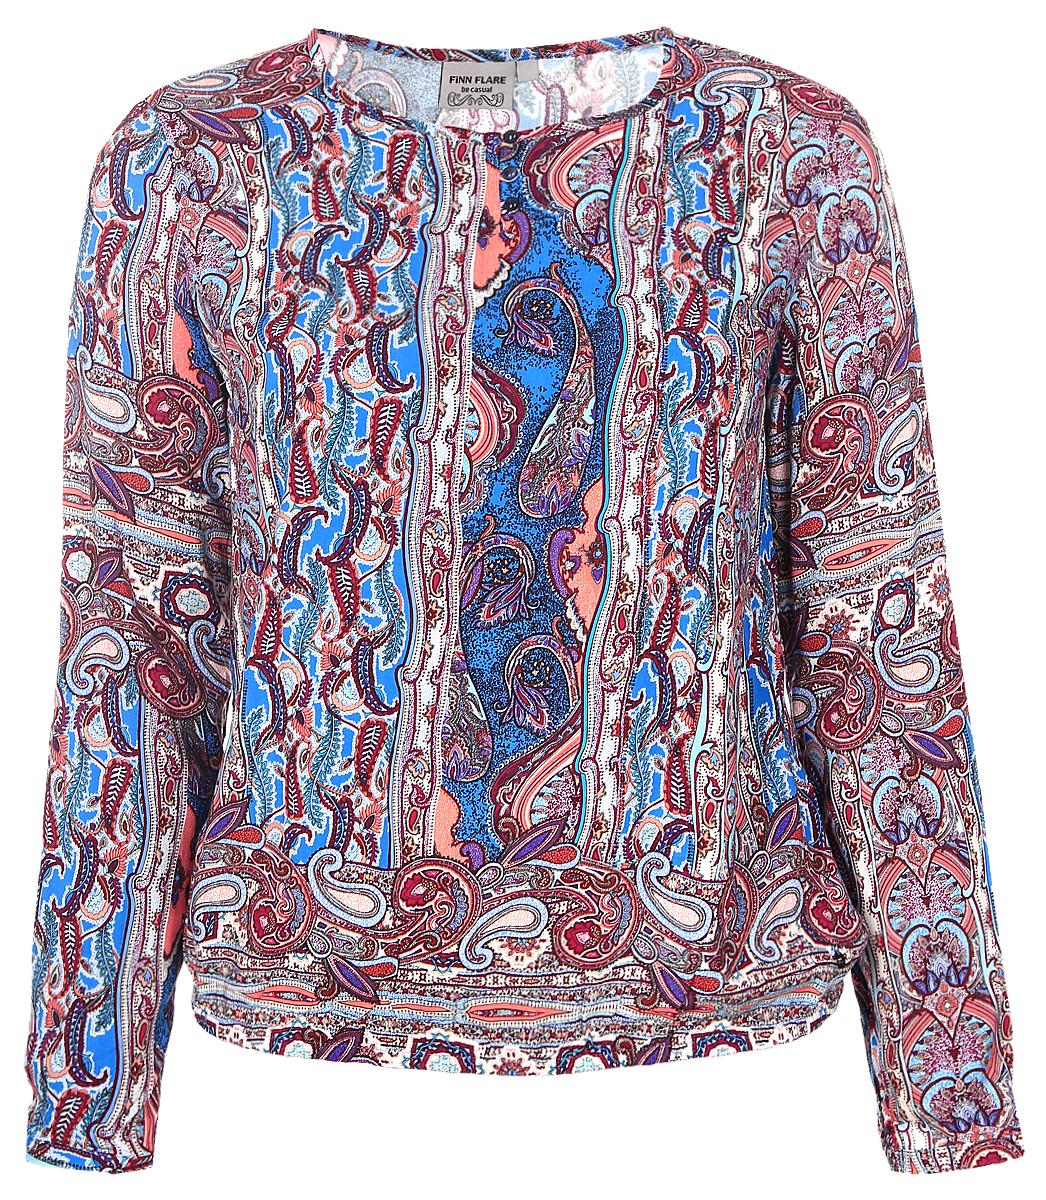 Блузка женская Finn Flare, цвет: голубой, бордовый. B17-12044_618. Размер XXL (52)B17-12044_618Женская блуза Finn Flare с длинными рукавами и круглым вырезом горловины выполнена из натуральной вискозы. Блузка имеет свободный крой и застегивается на три пуговицы на груди. Манжеты рукавов также застегиваются на пуговицы. Низ блузки дополнен эластичной резинкой. Изделие оформлено ярким этническим принтом.